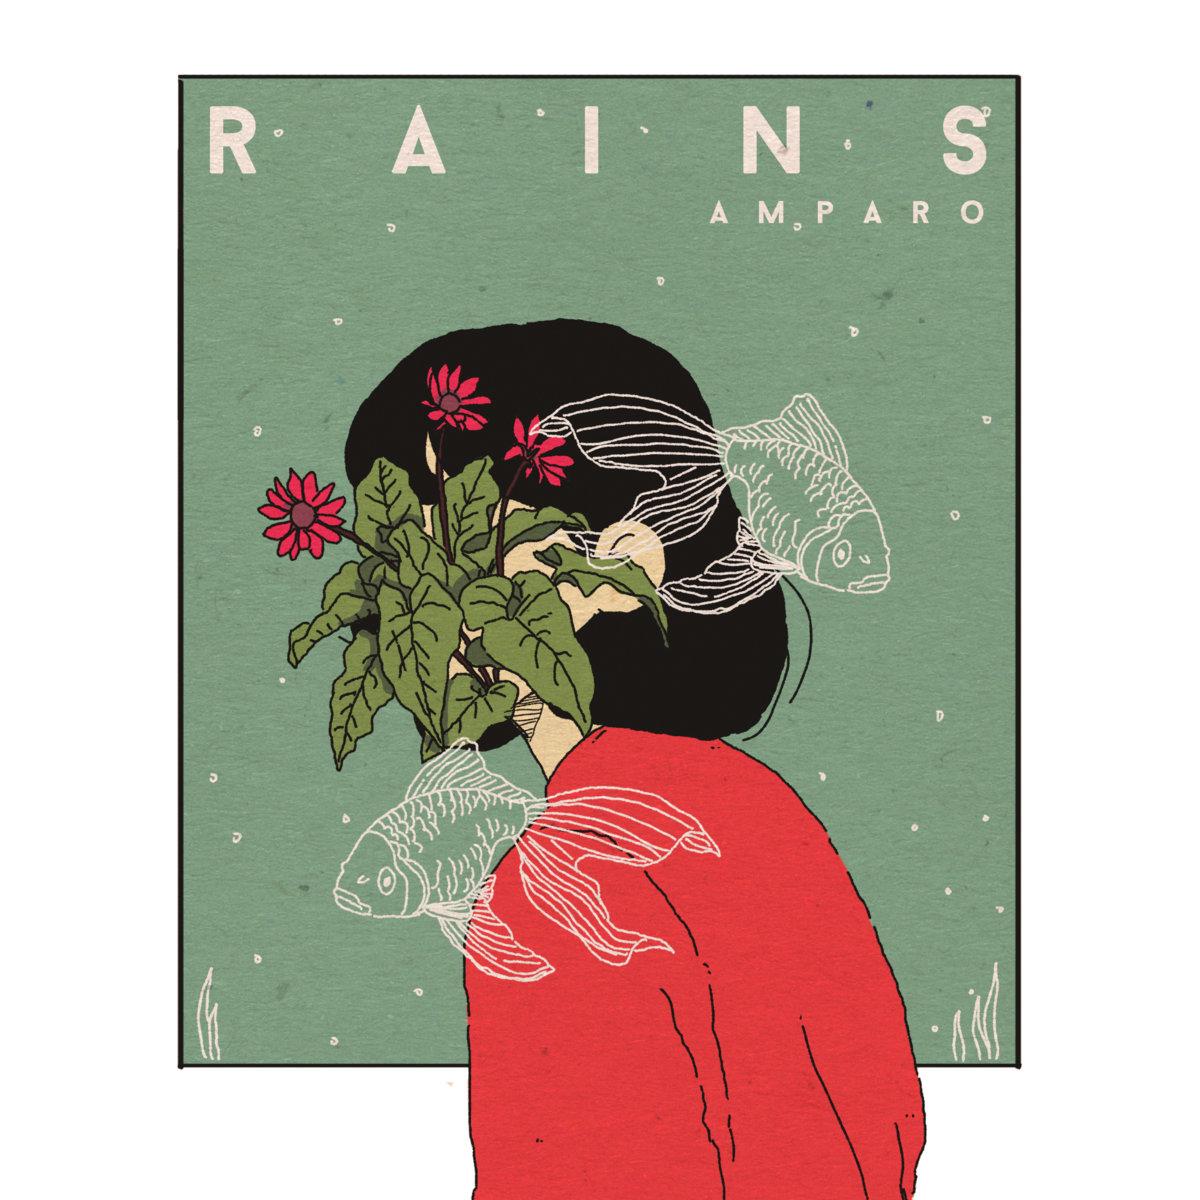 amparo rains album art